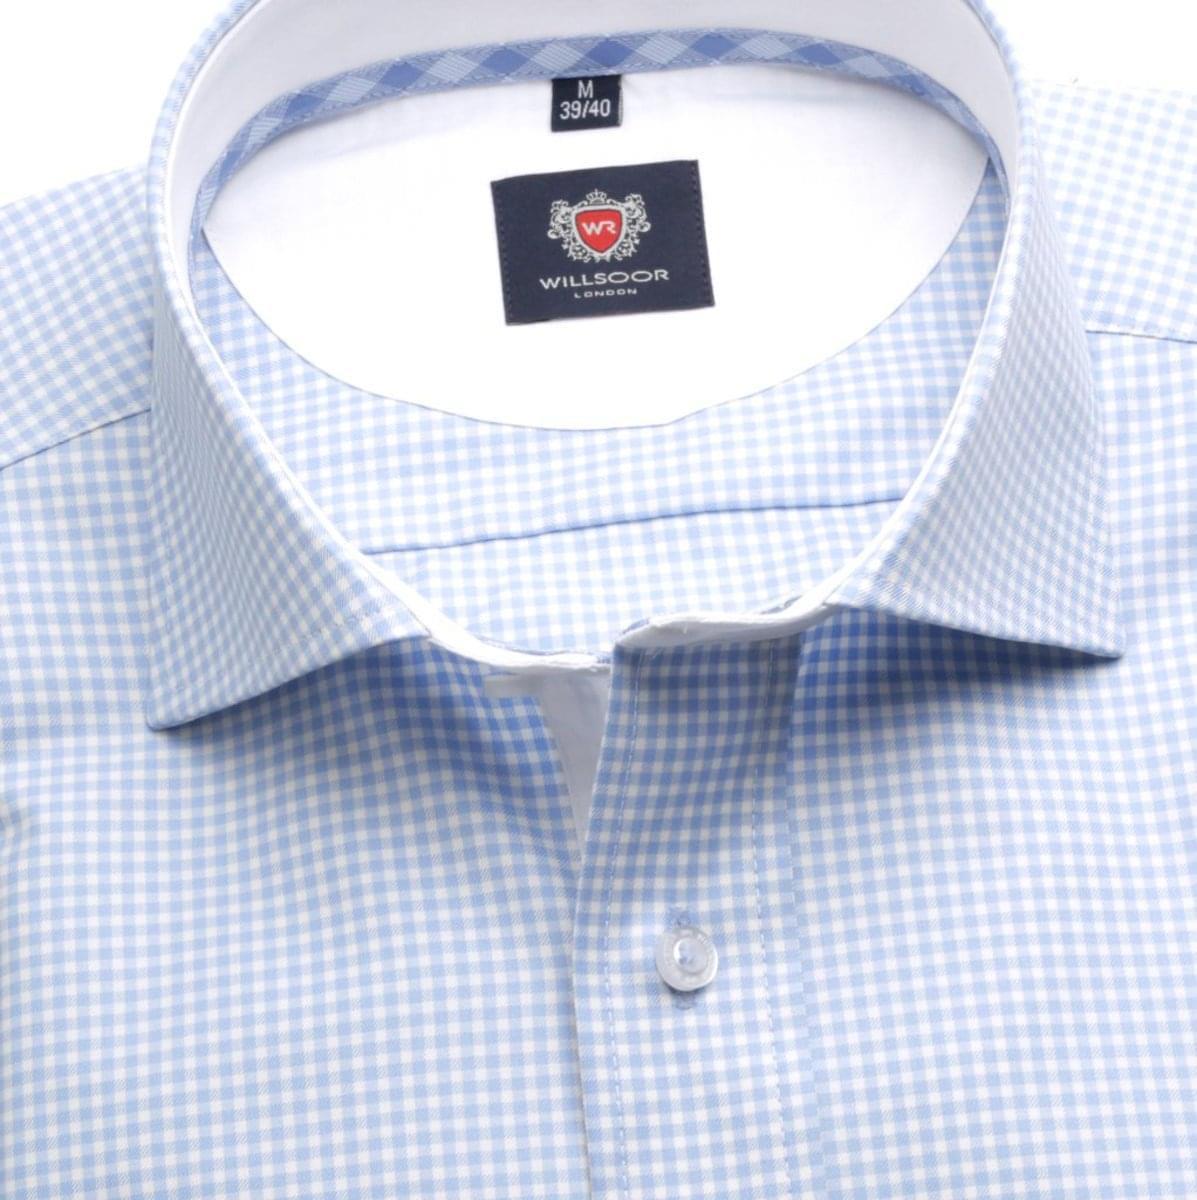 Pánská klasická košile London (výška 176-182) 6292 s jemnou kostkou a formulí Easy Care 176-182 / XL (43/44)